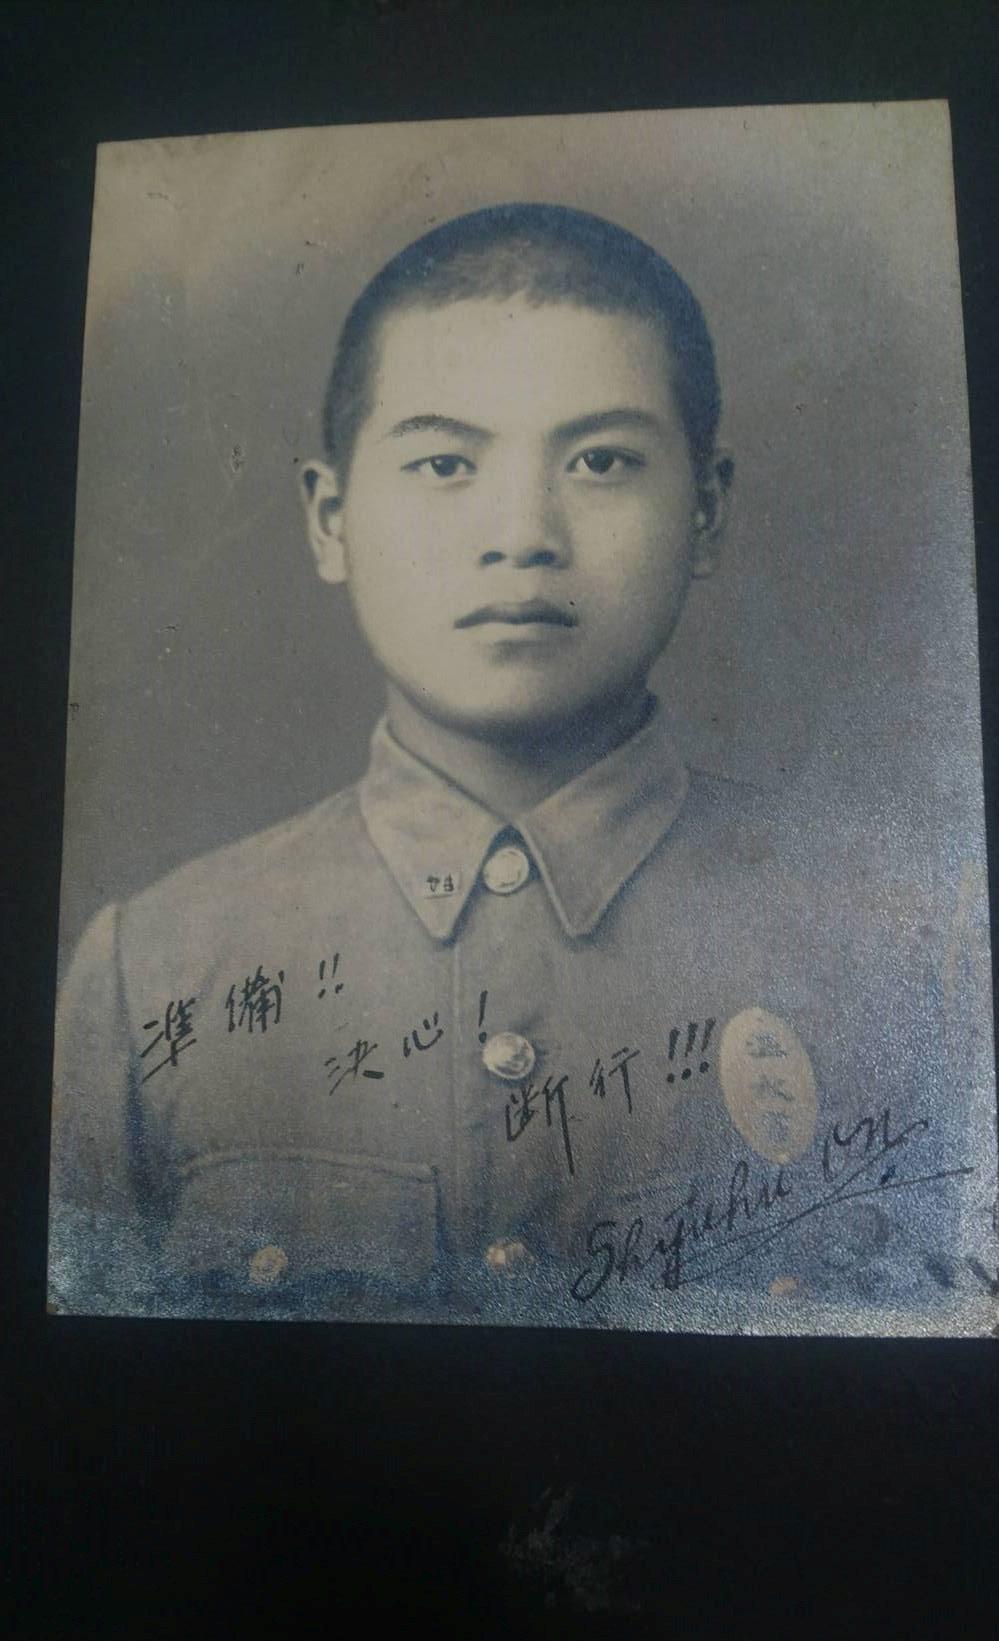 溫宗正的父親溫秋富是桃園農工第一屆畢業生。記者李京昇/攝影